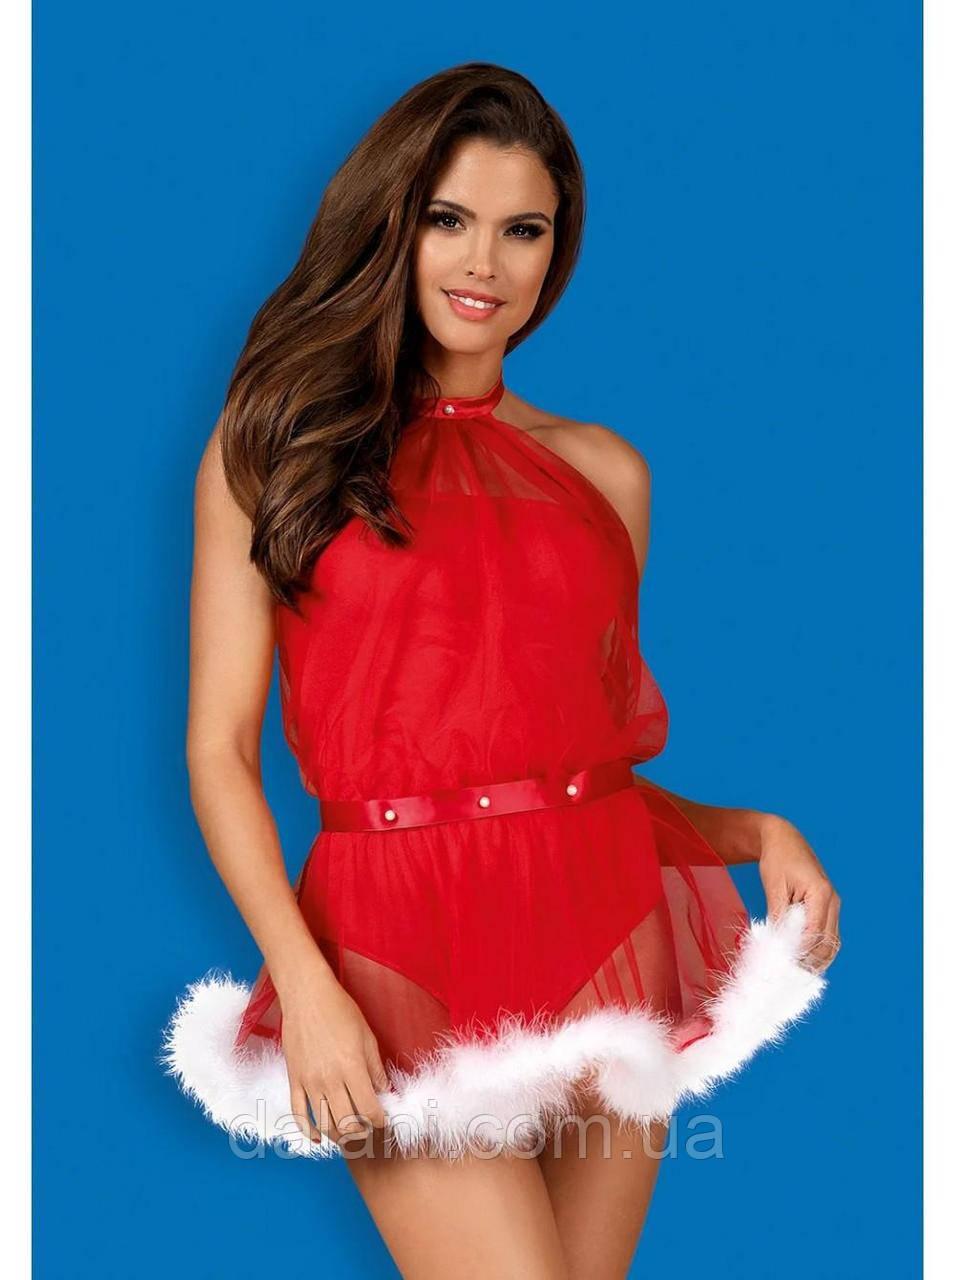 Жіночий новорічний червоний костюм для дорослих ігор